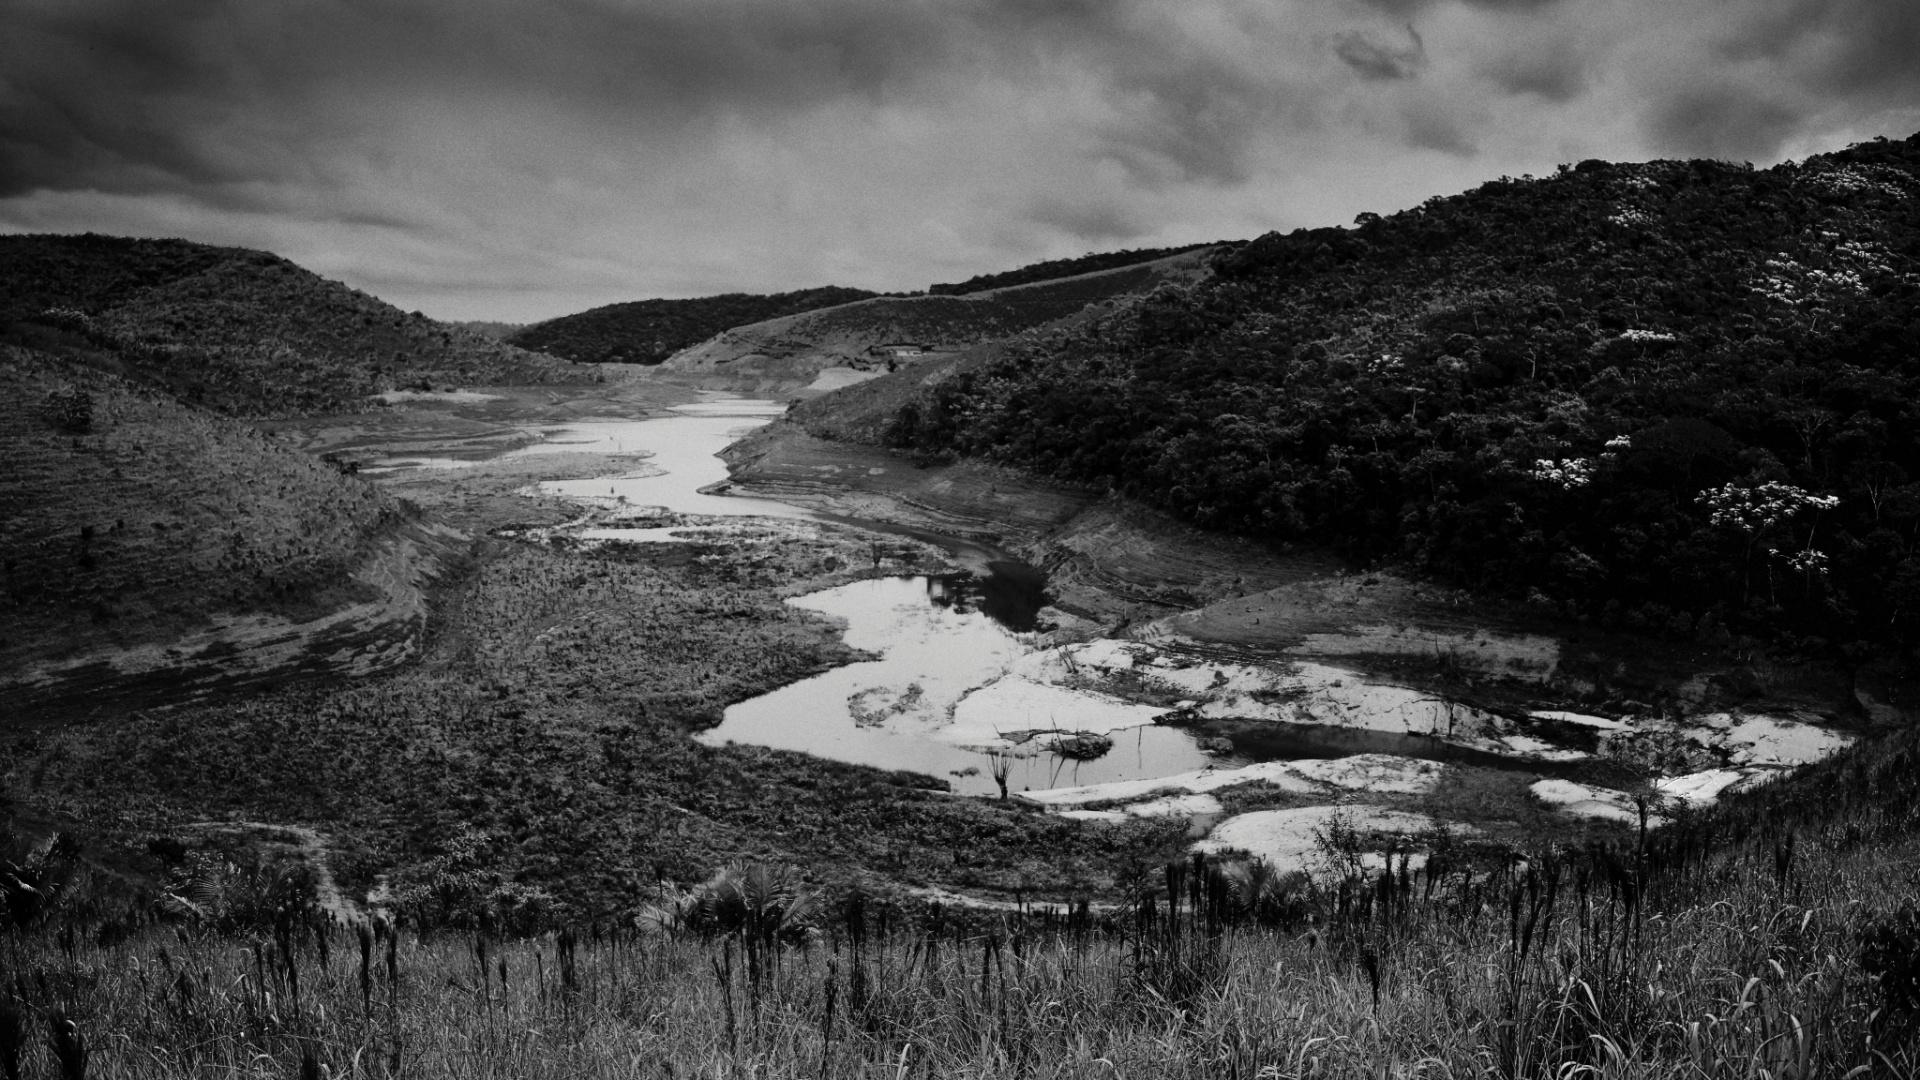 4.ago.2015 - A represa de Paraibuna, no Vale do Paraíba do Sul (RJ), está com cerca de 6% de sua capacidade